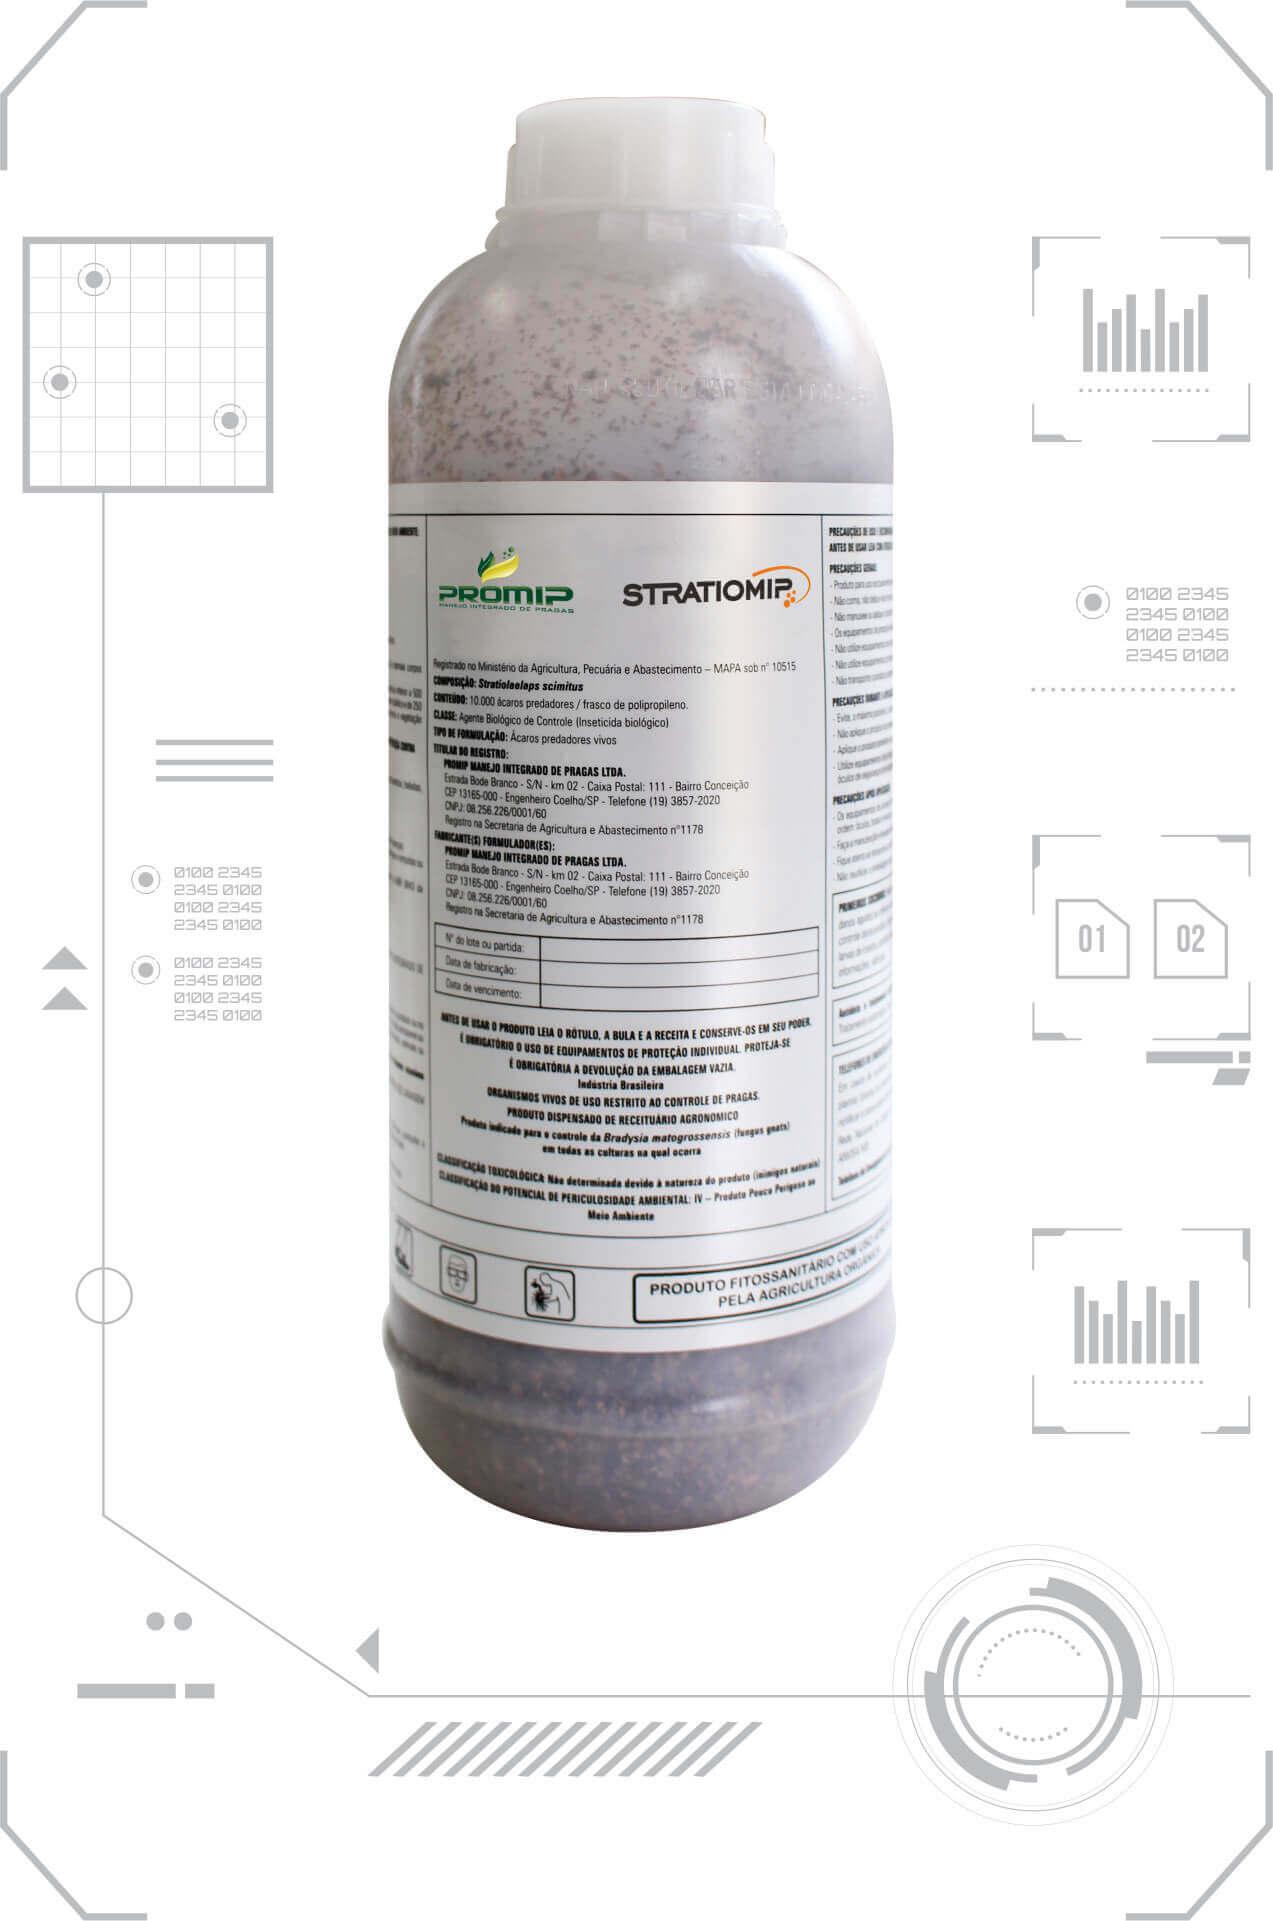 promip controle biologico manejo integrado de pragas background trichomip g cana de açucar produtos biologicos